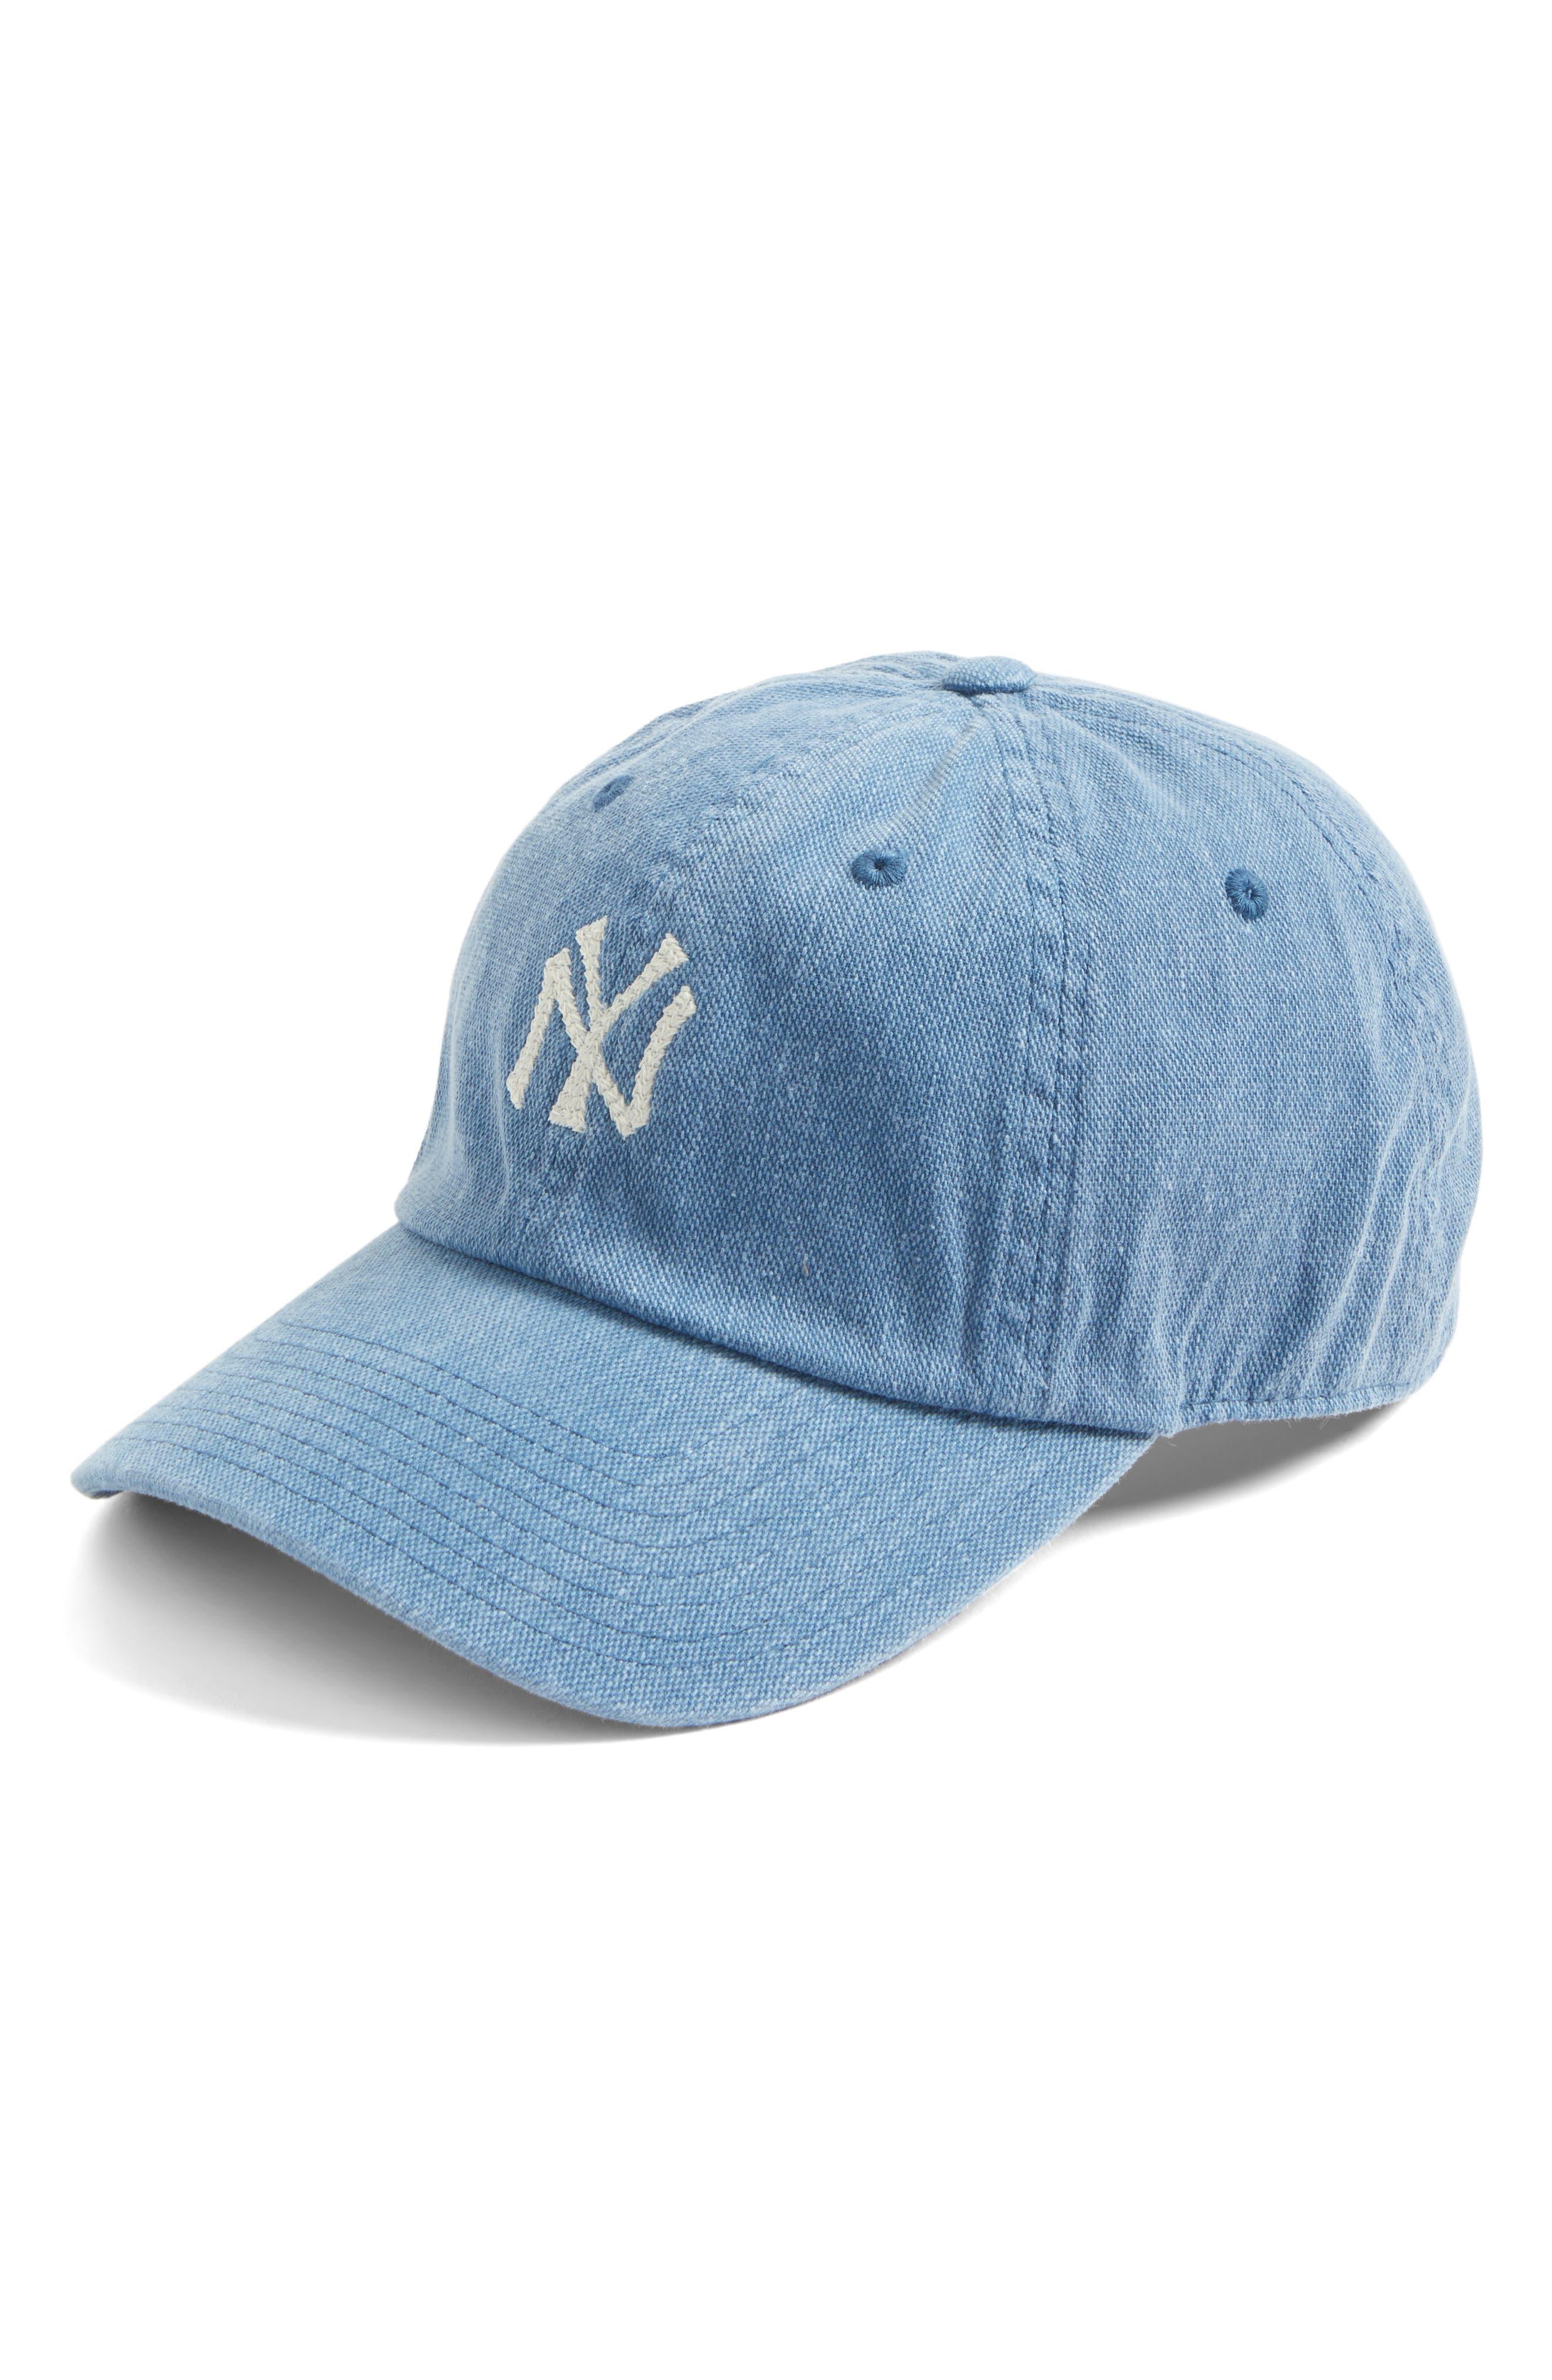 Danbury New York Yankees Baseball Cap,                         Main,                         color, Navy